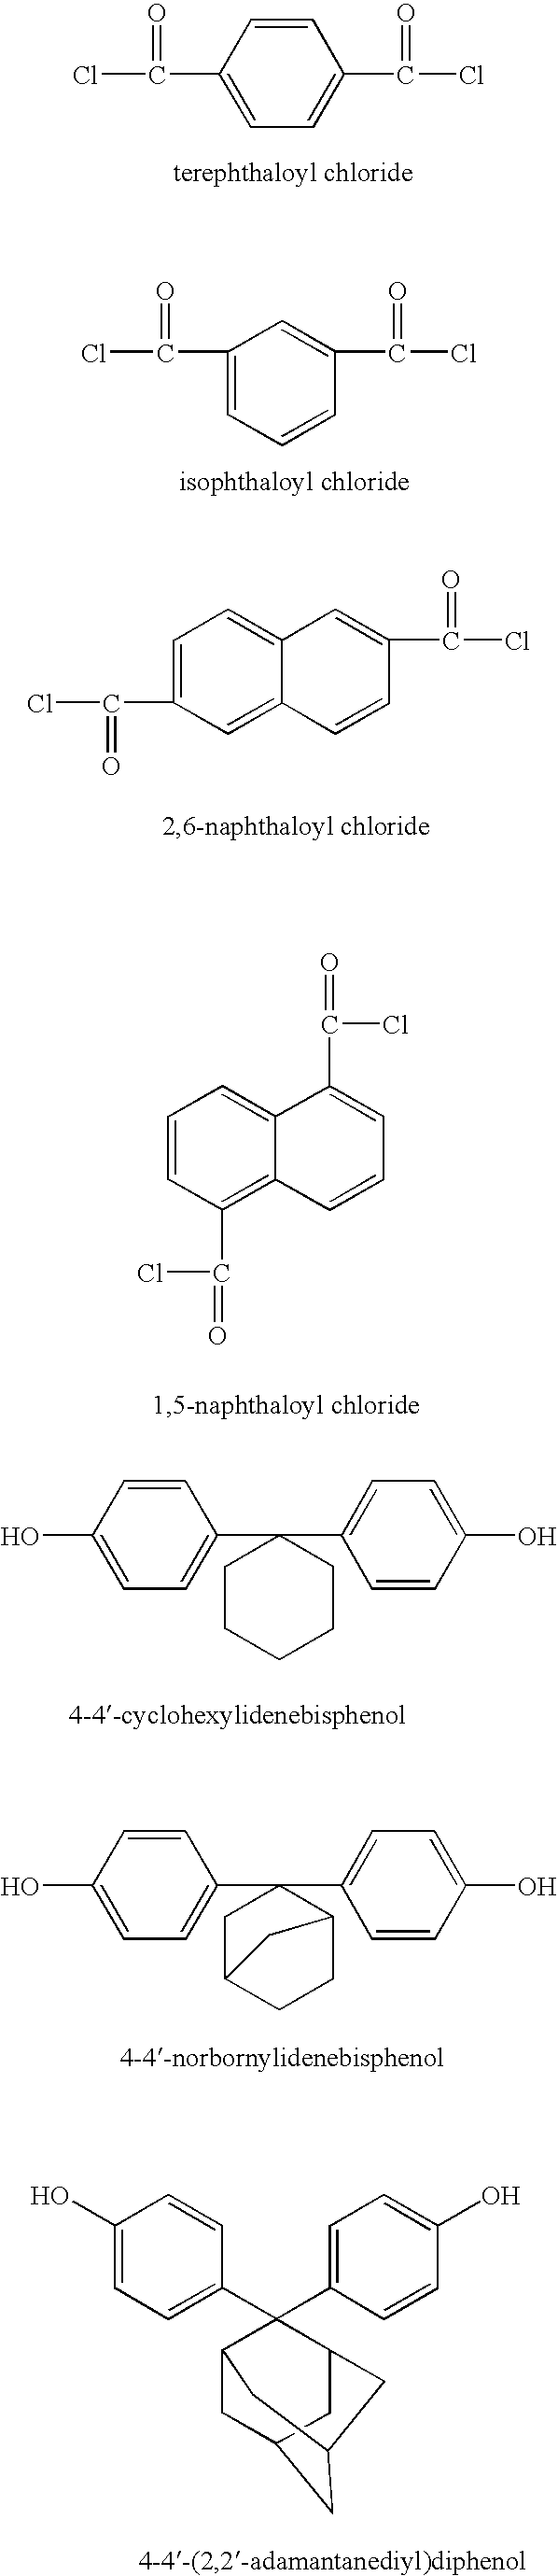 Figure US07288296-20071030-C00006